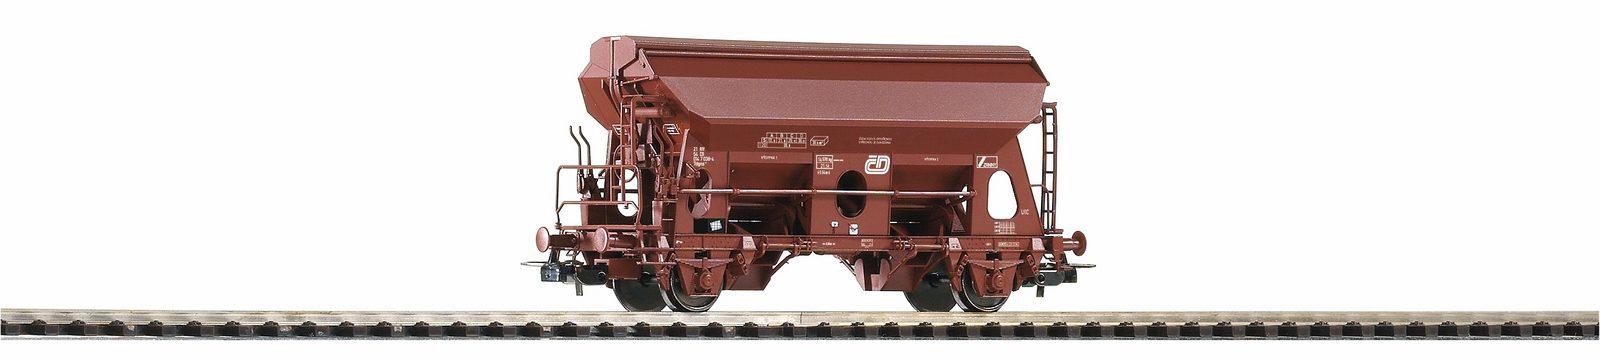 PIKO Güterwagen, Spur H0, »Selbstentladewagen Tdgns4211, CD - Gleichstrom« - broschei